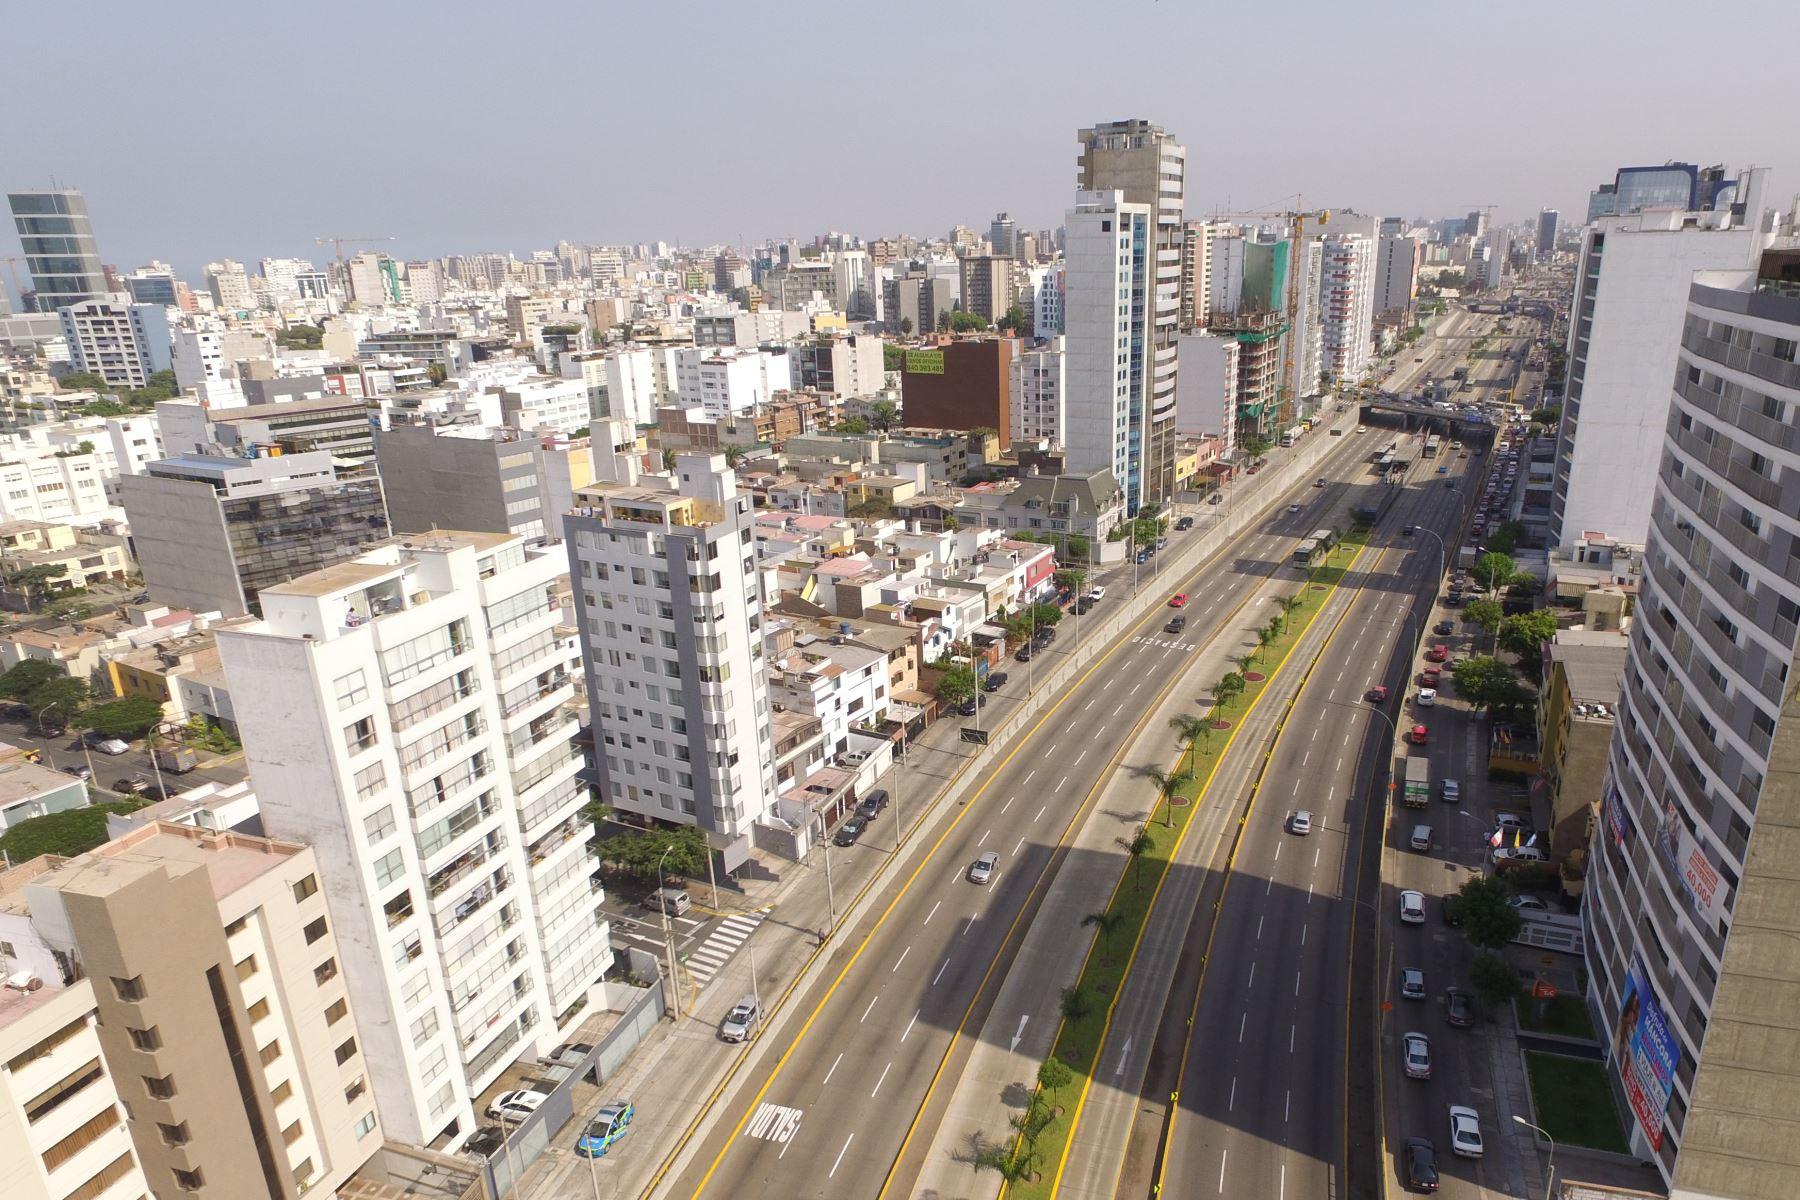 Venta de departamentos nuevos en Lima se acerca a niveles previos a pandemia